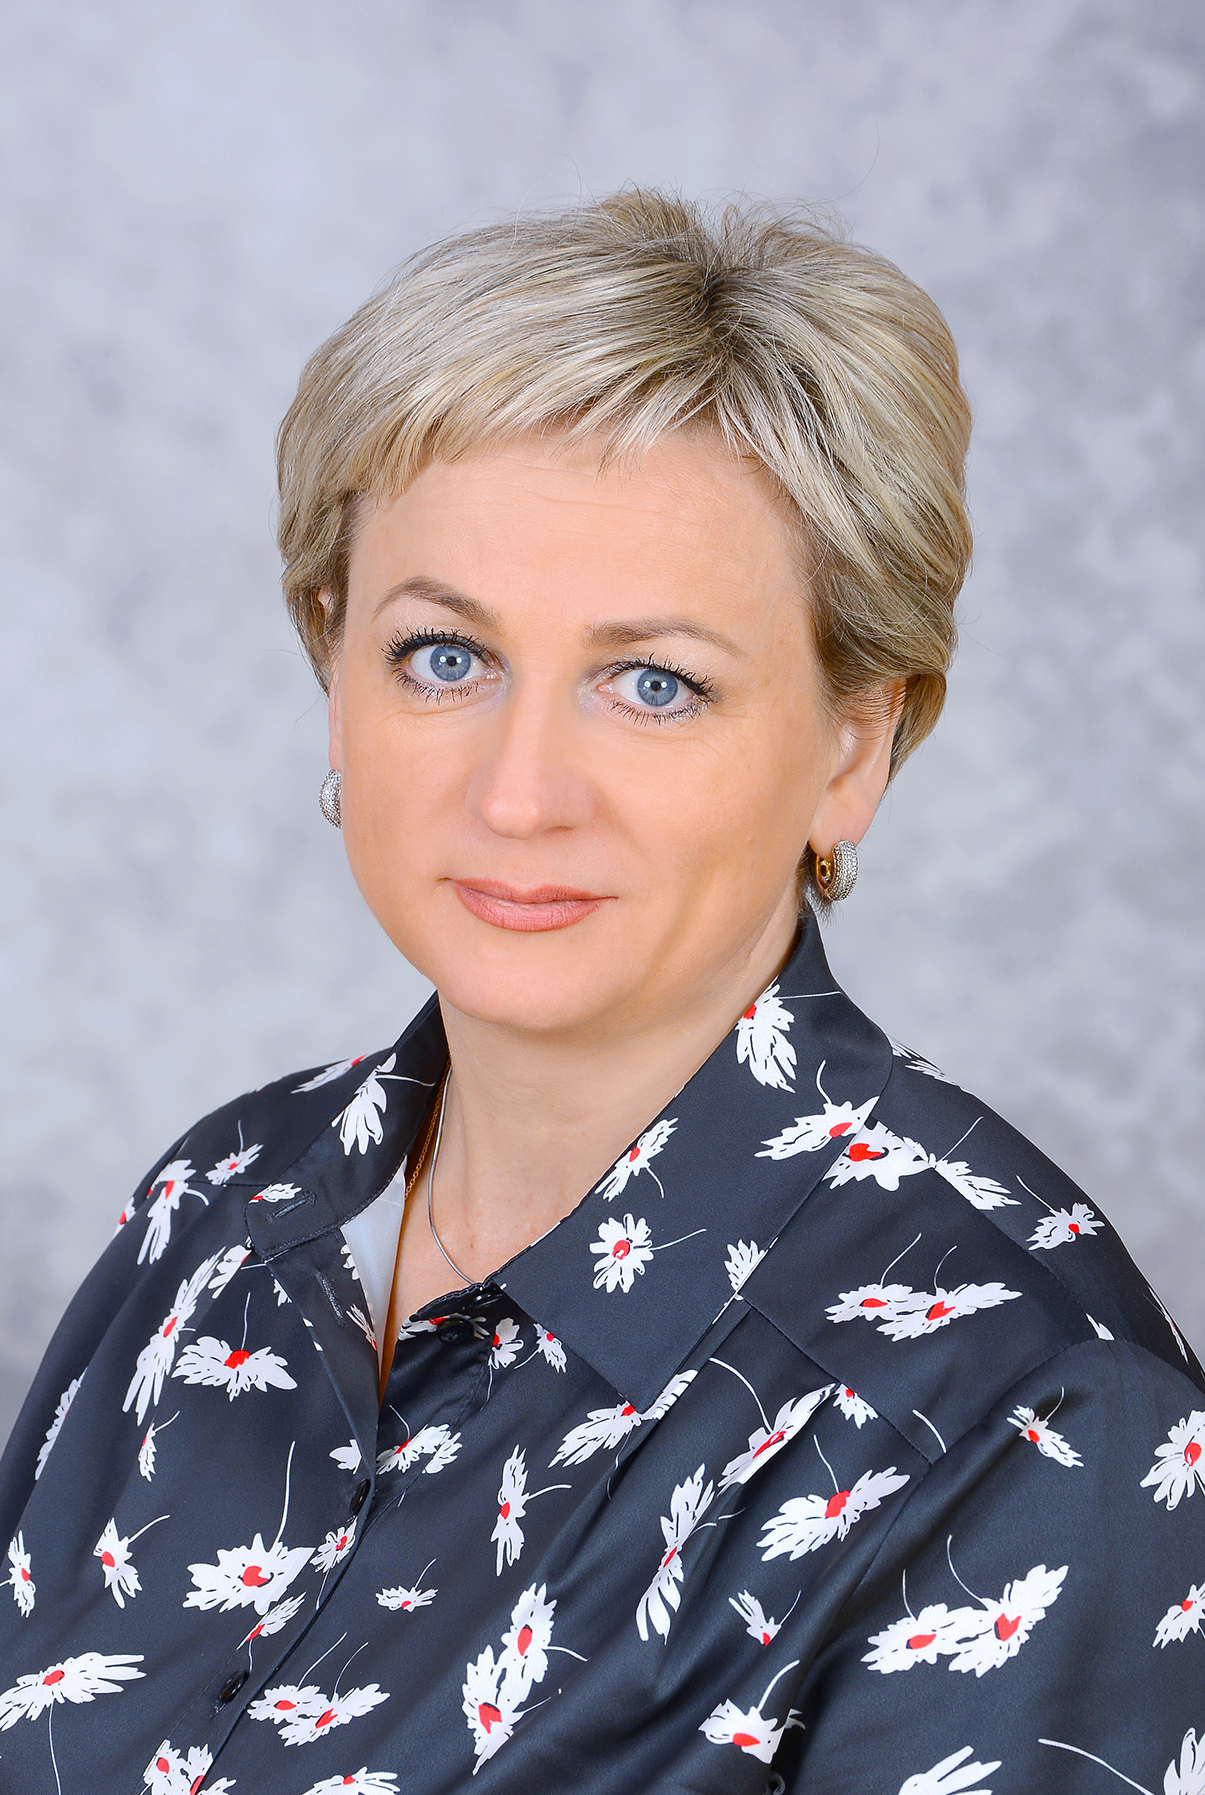 Заместитель директора по УВР, учитель химии, Ефимова Елена Вячеславовна